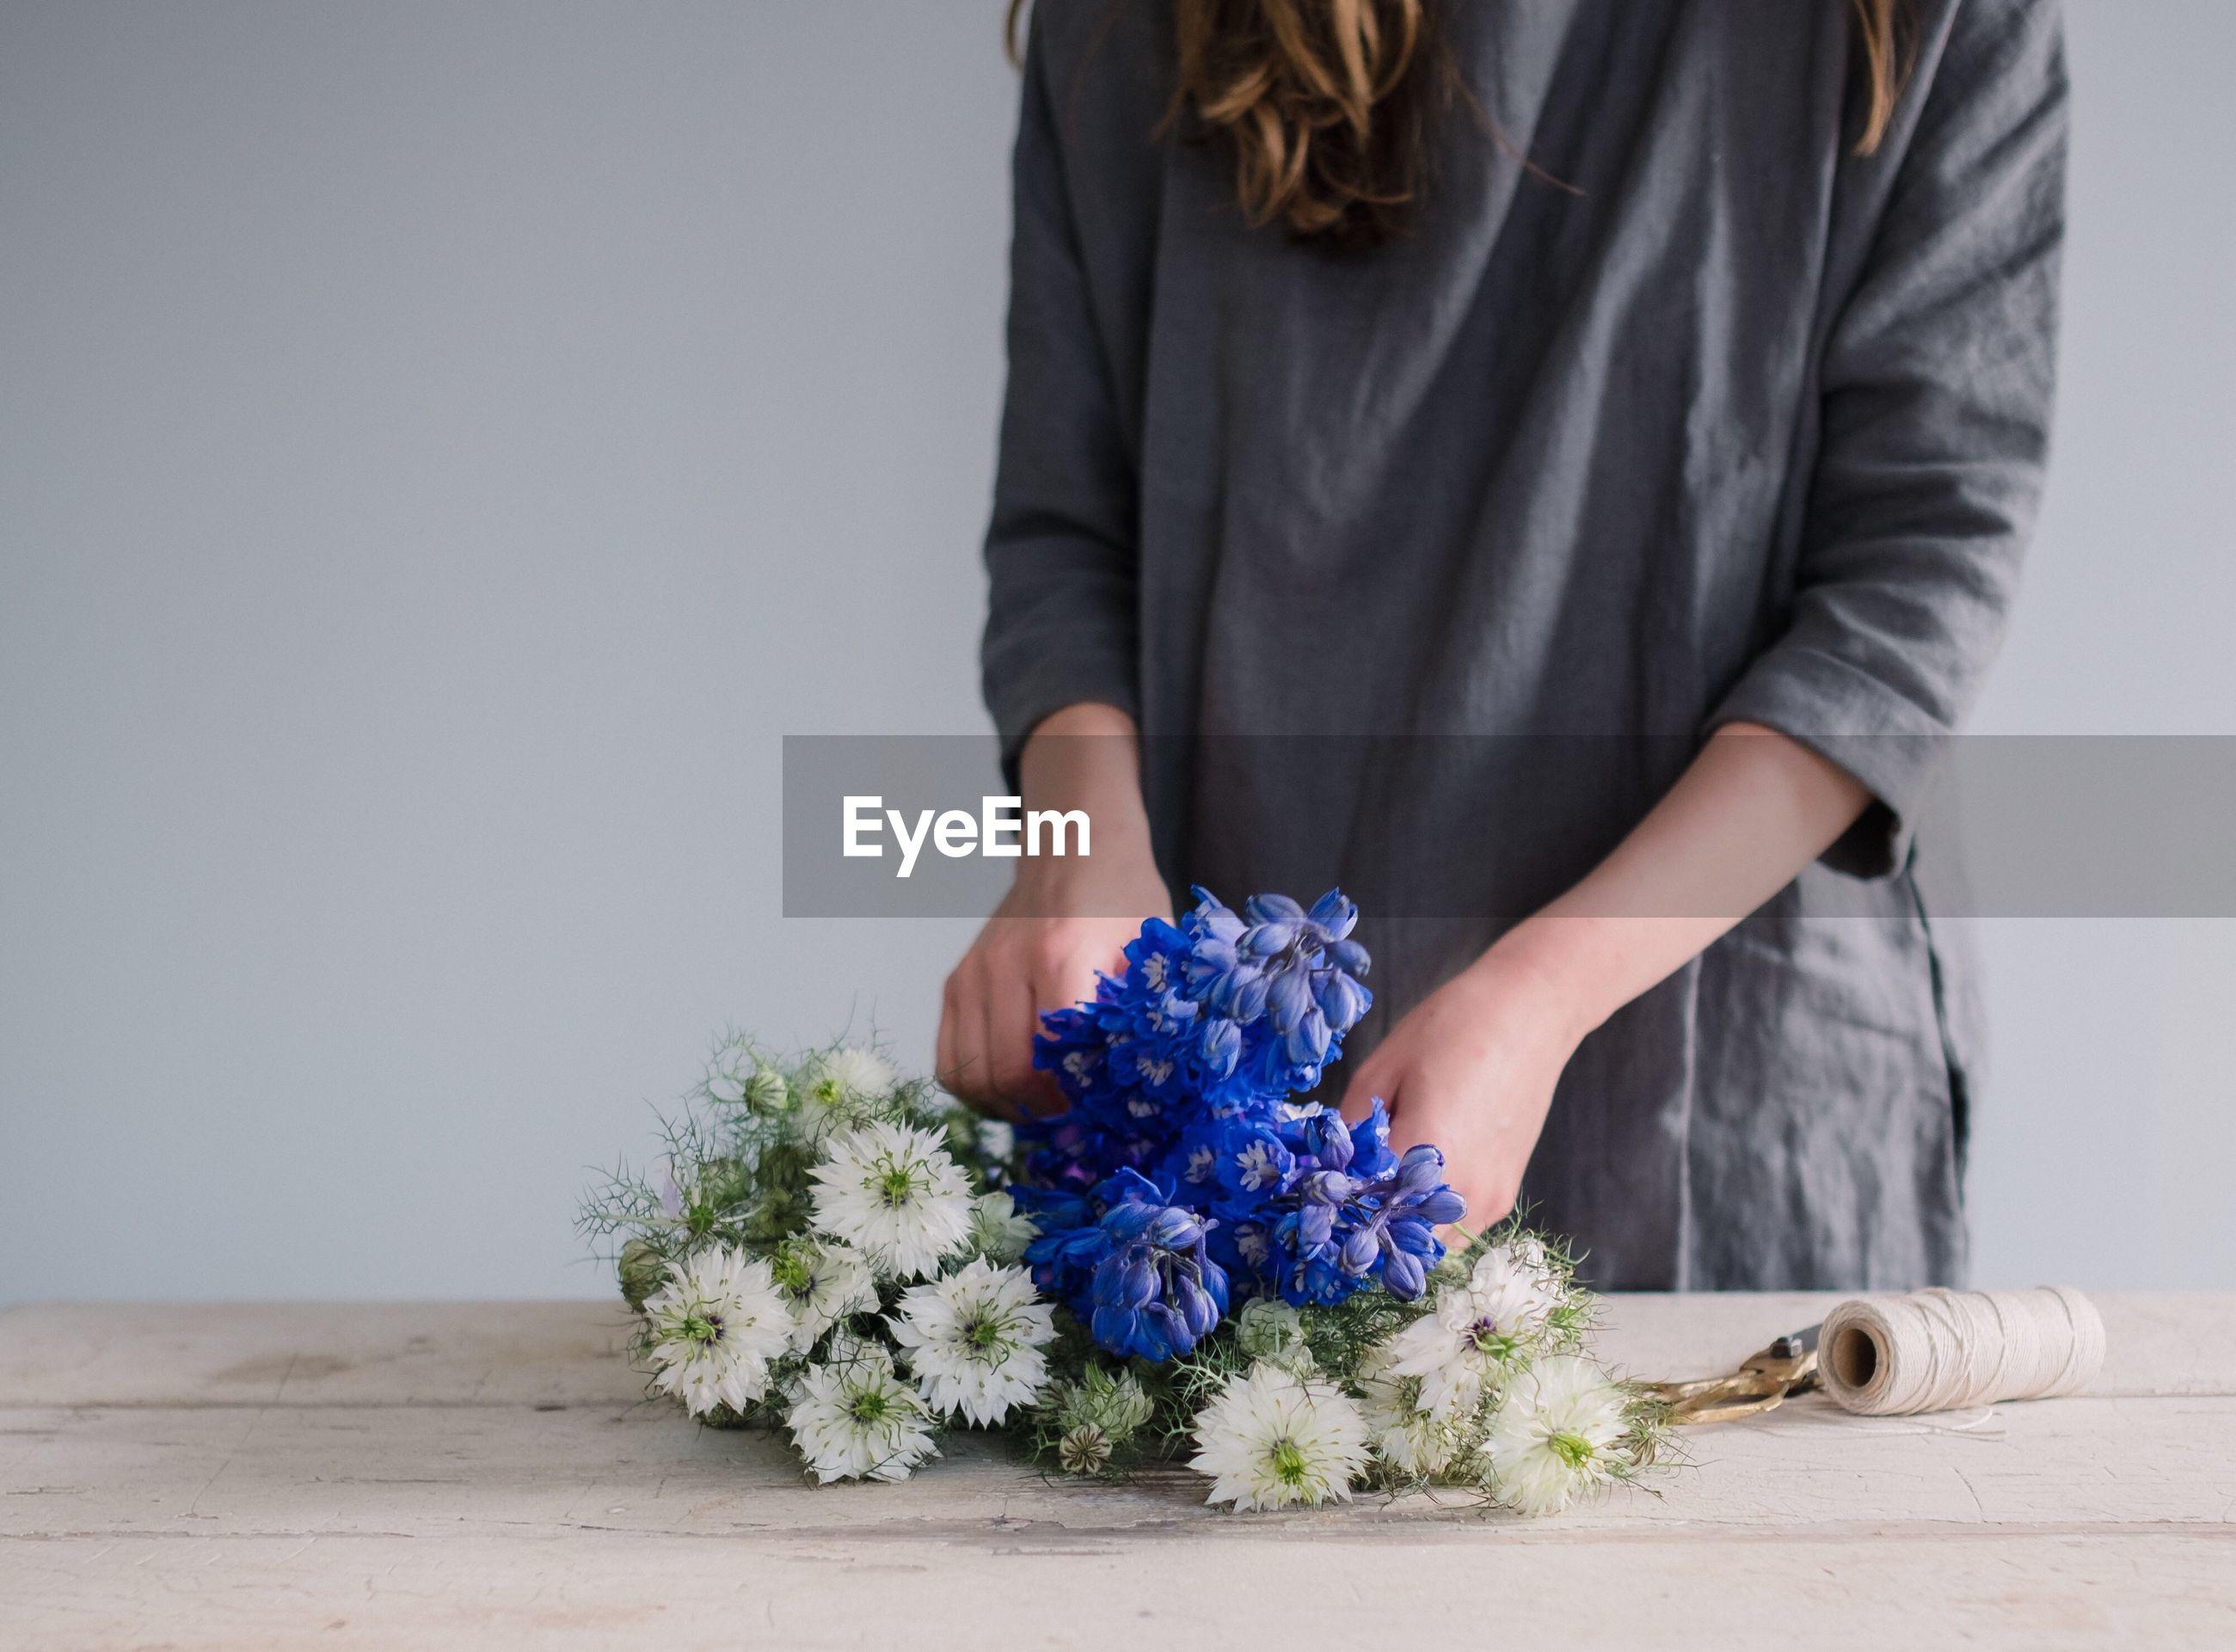 Woman making a flower arrangement